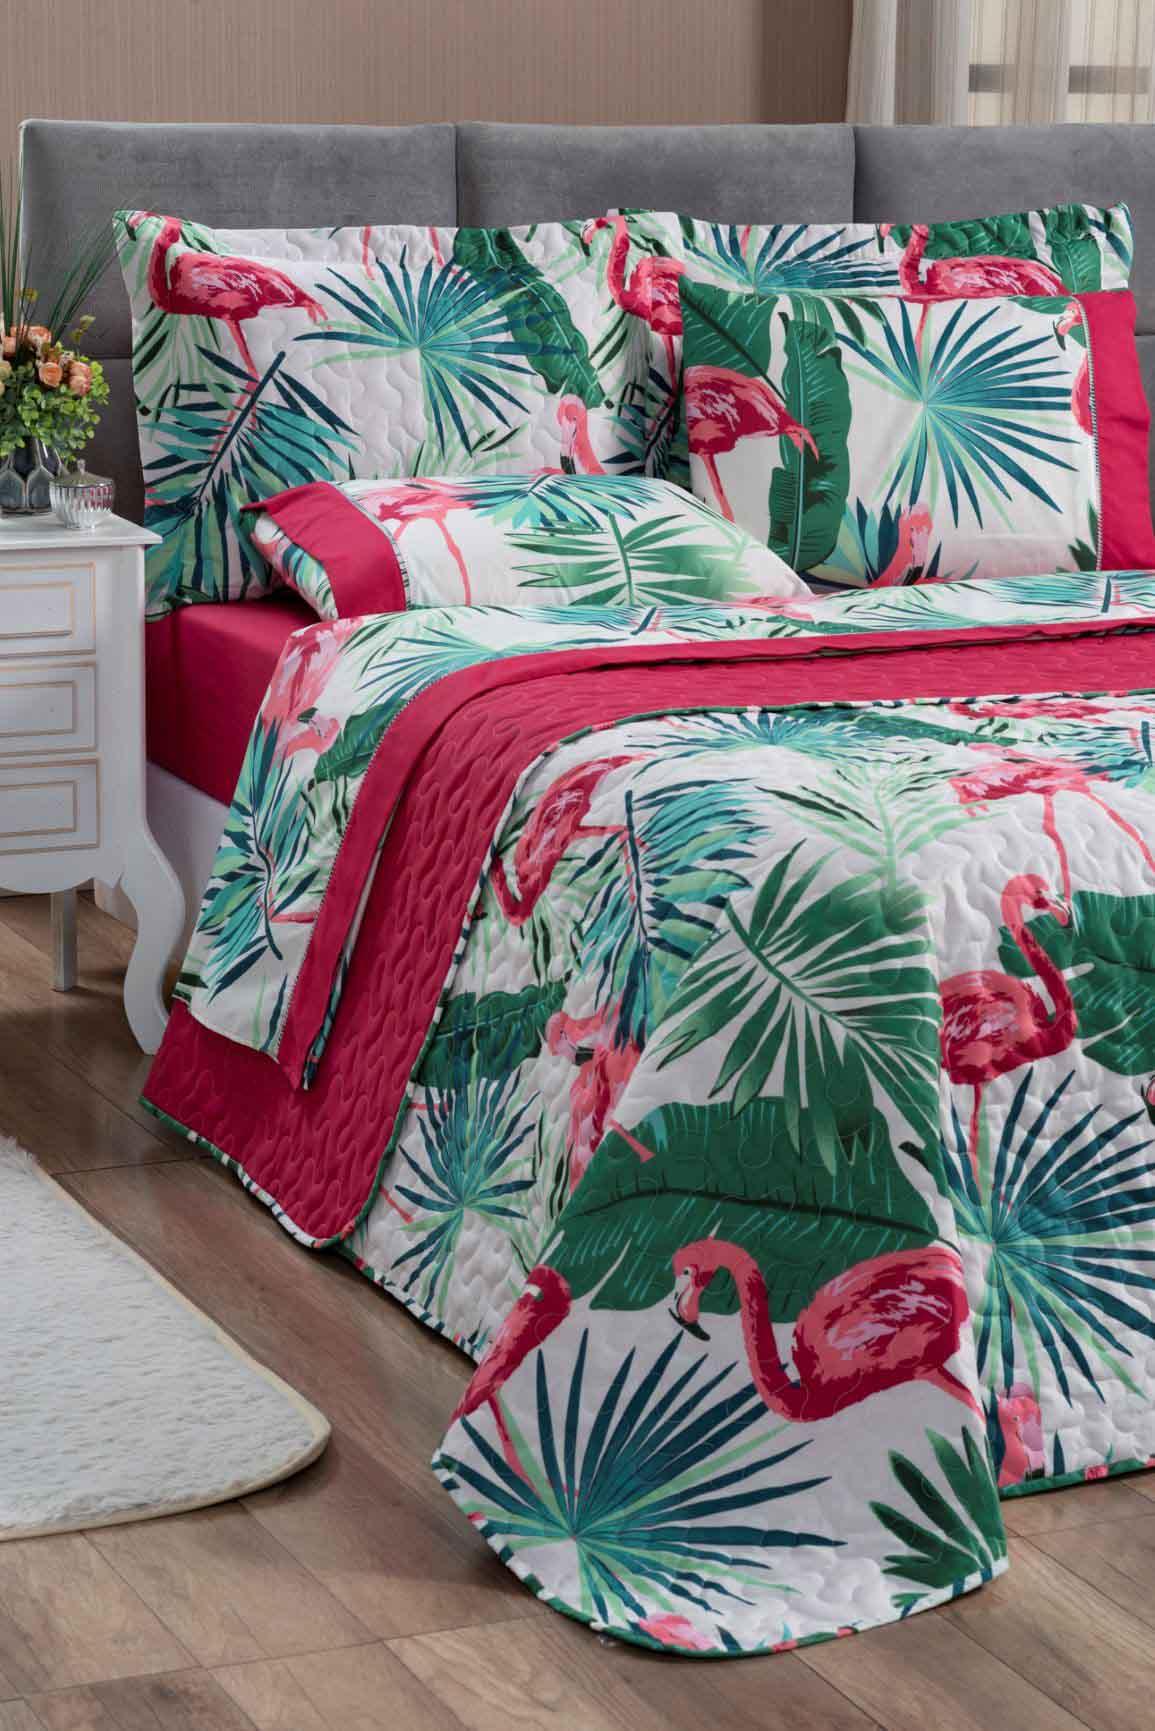 Kit Cobre Leito Colcha King 100% Costurada Dupla Face 3 Peças Naturale Flamingo Rosa